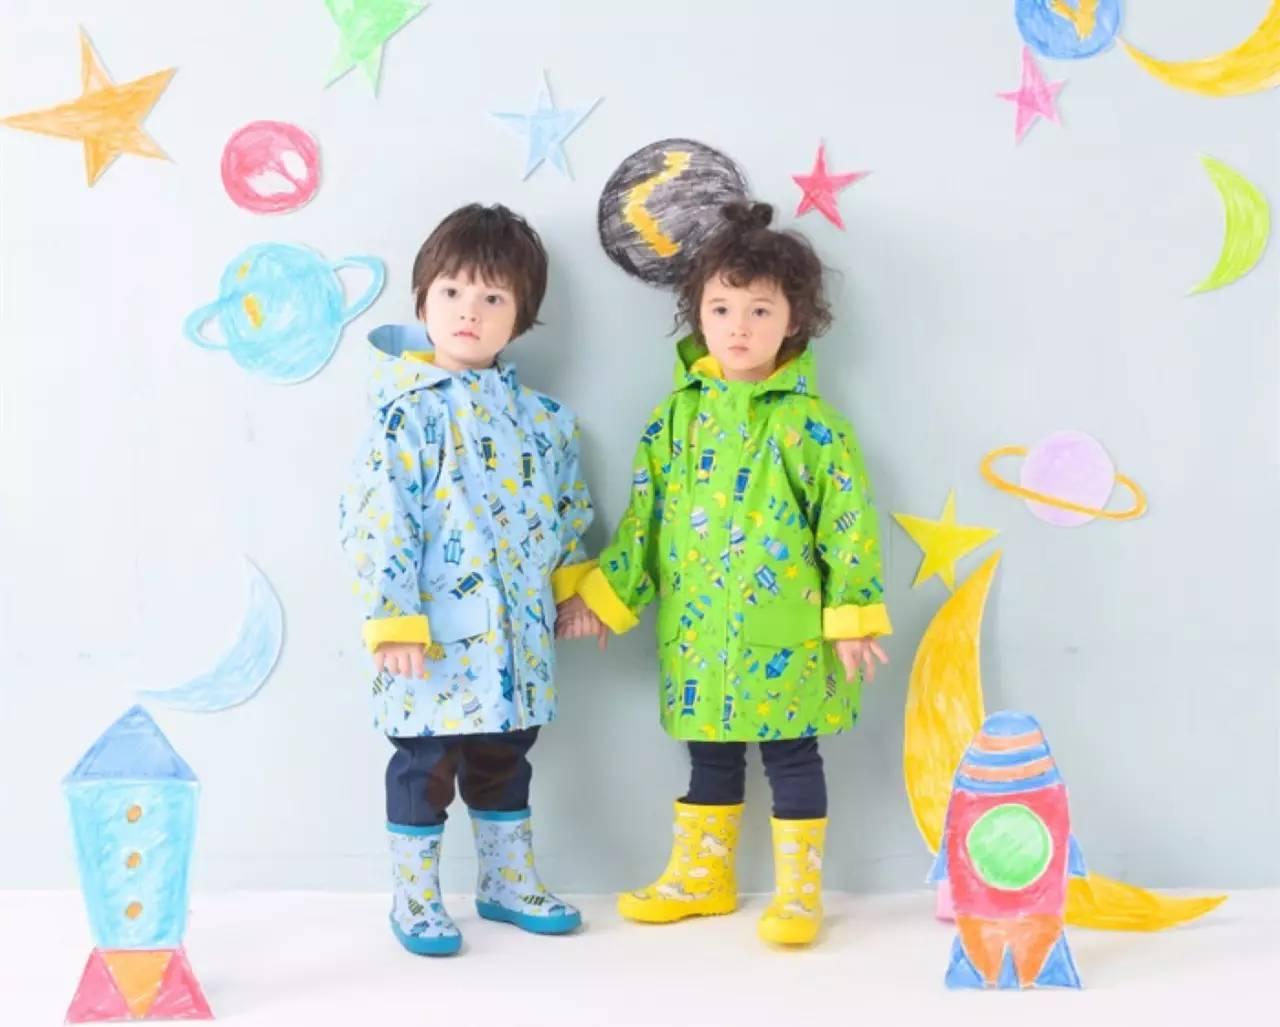 时尚 正文  has的儿童主题雨衣,雨鞋一定会让孩子穿上了就不想脱下来图片